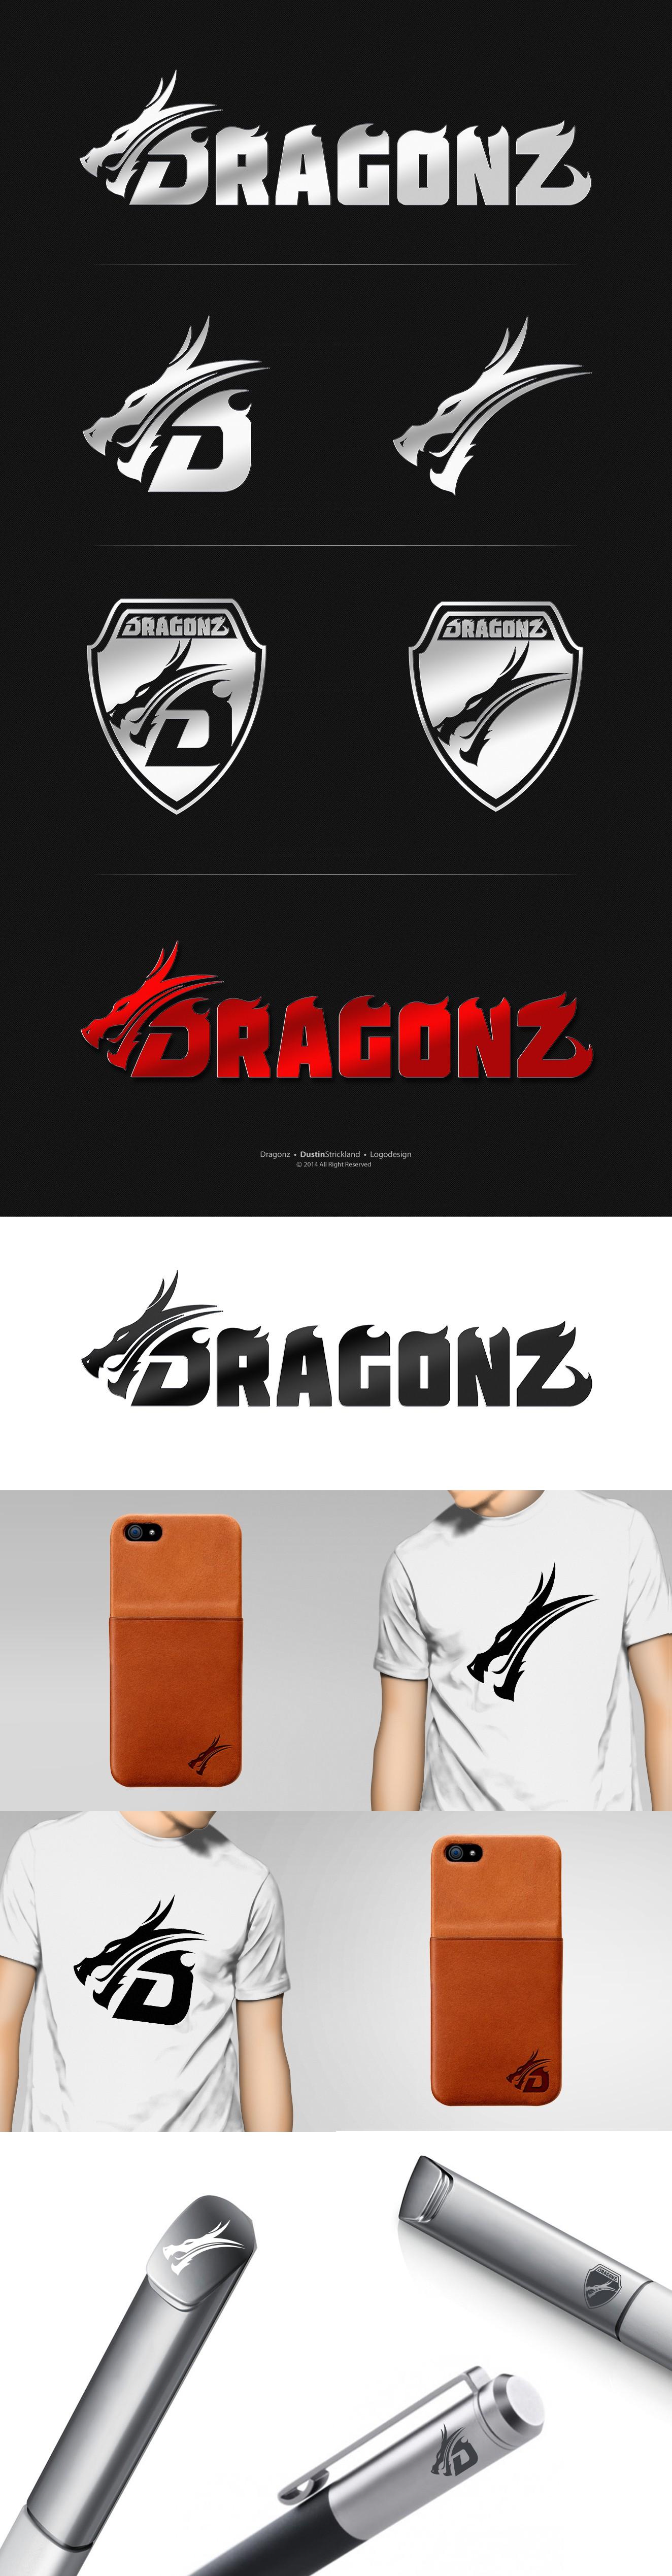 High Quality Phone accessory brand needs a killer logo :-)